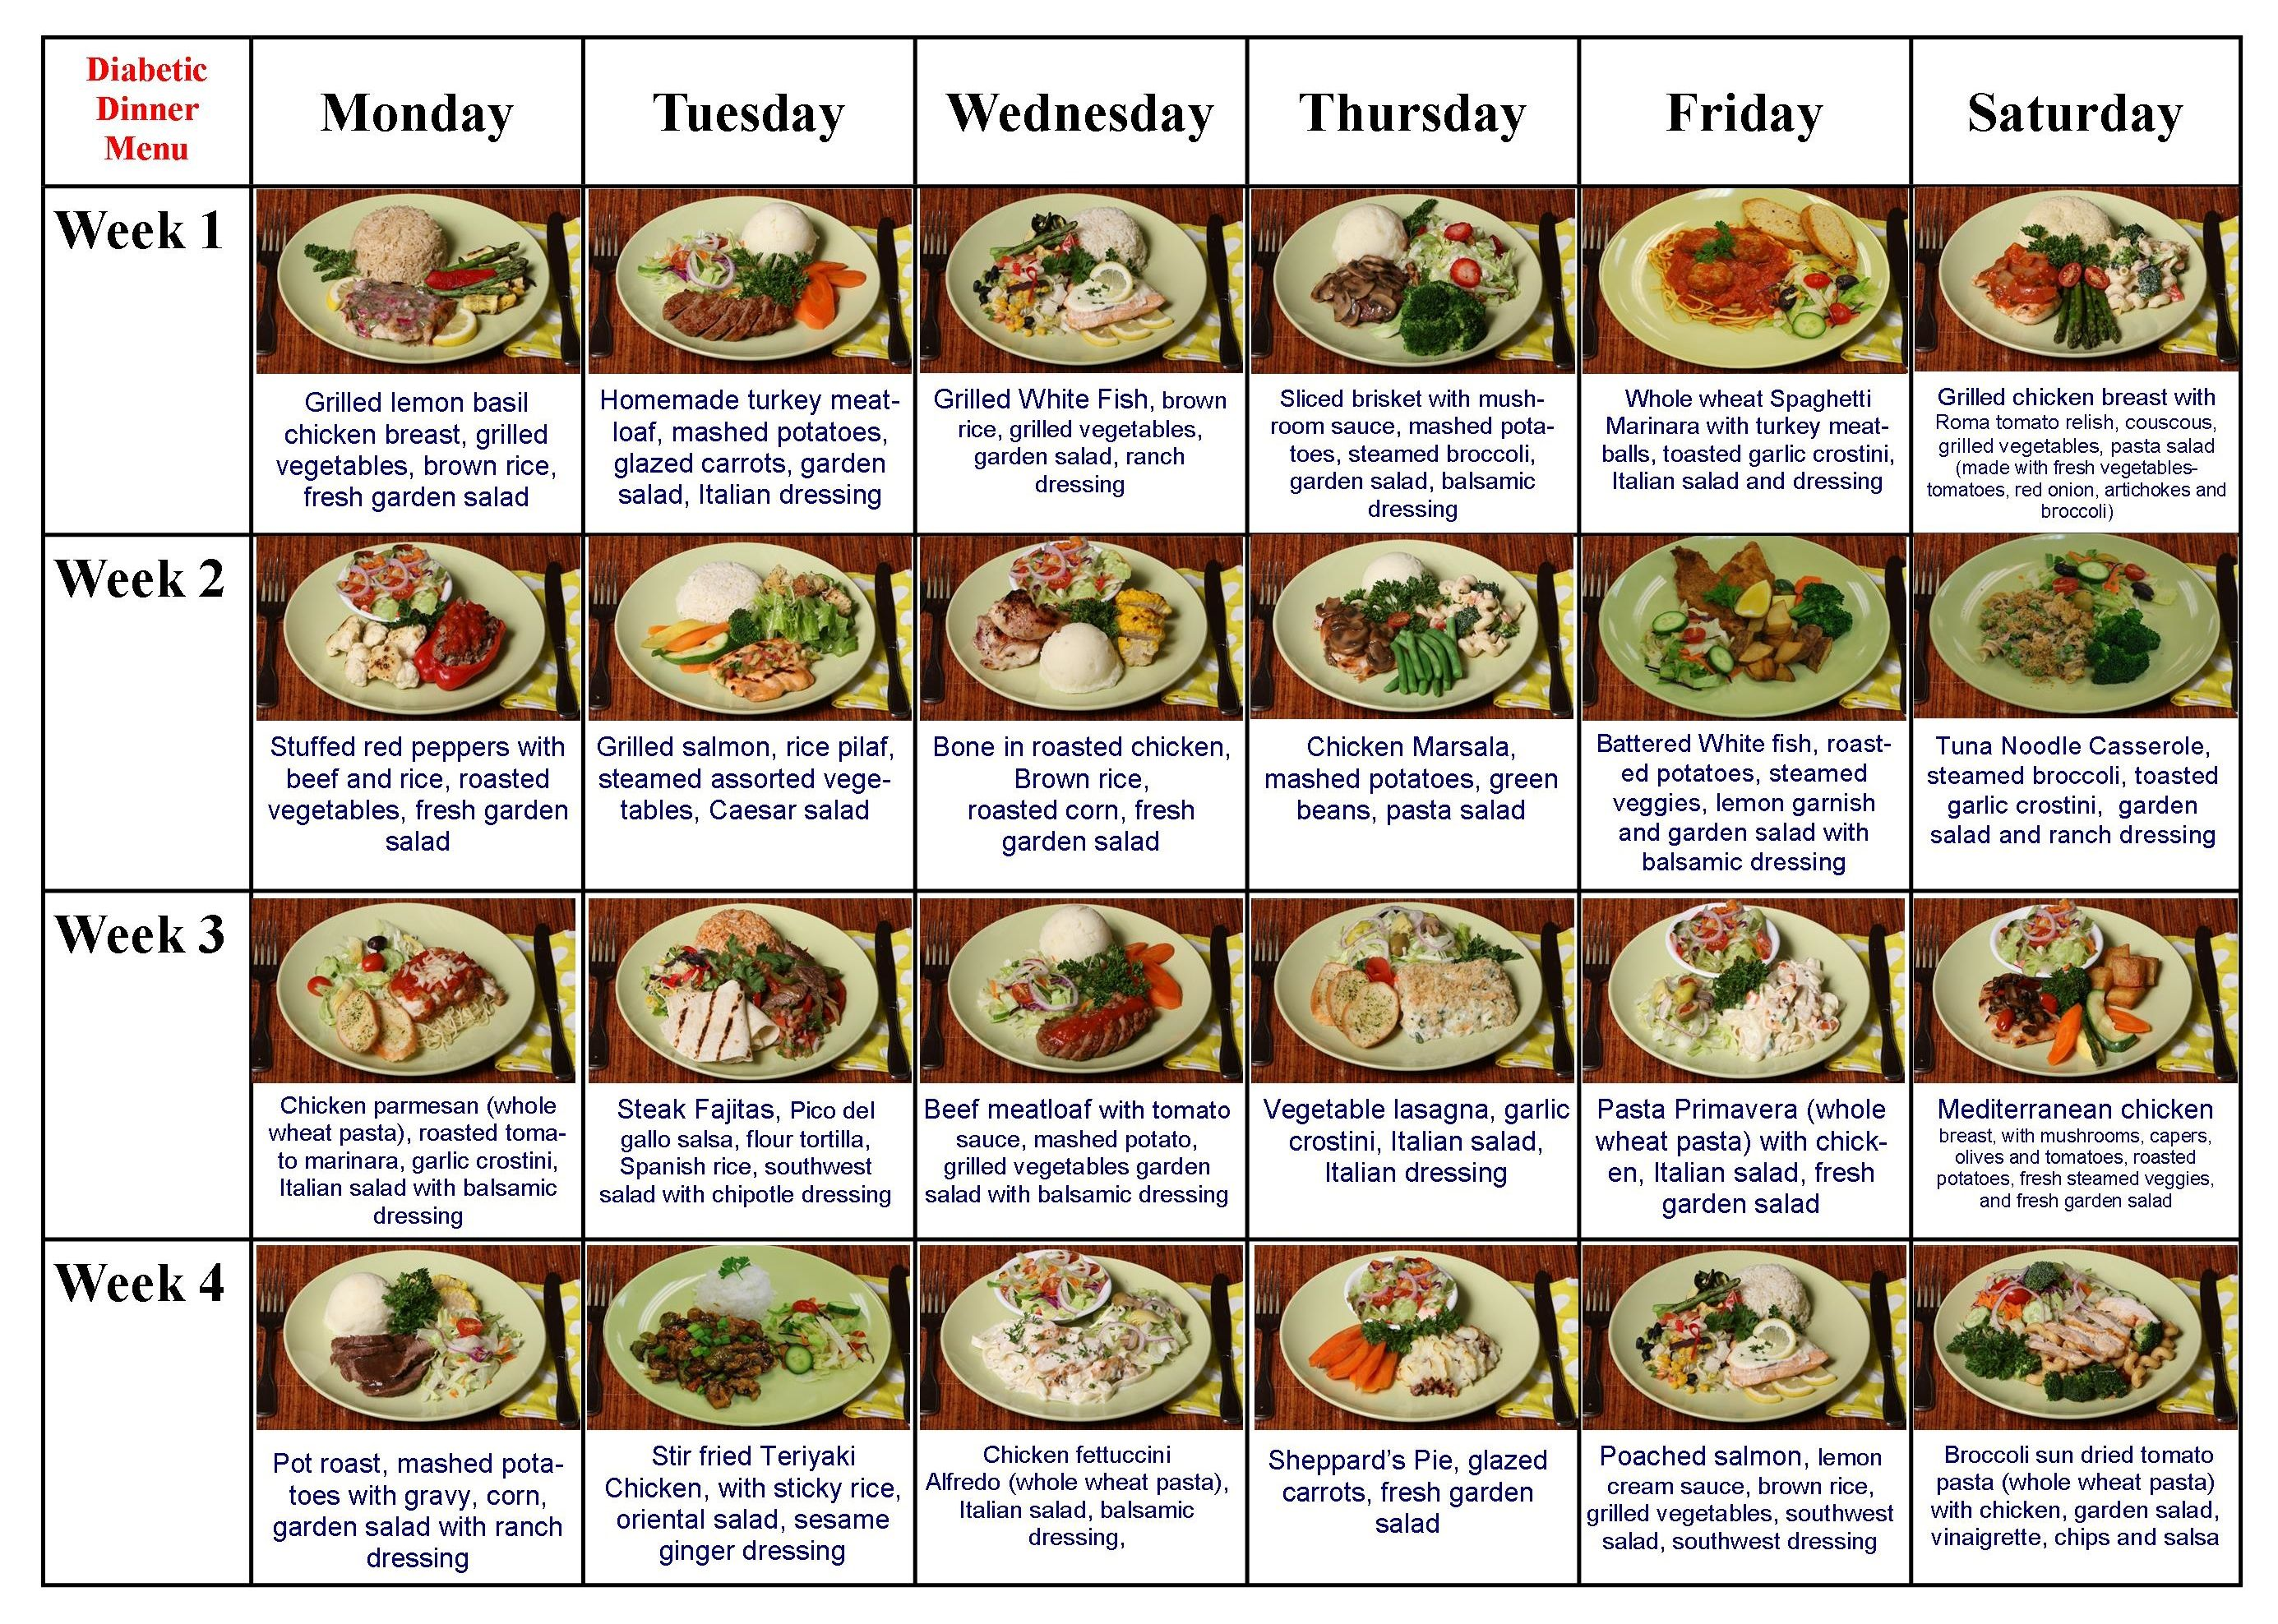 Diabetic Diet & Meals | Diabetic Lunch & Dinner Menu at Martha's ...